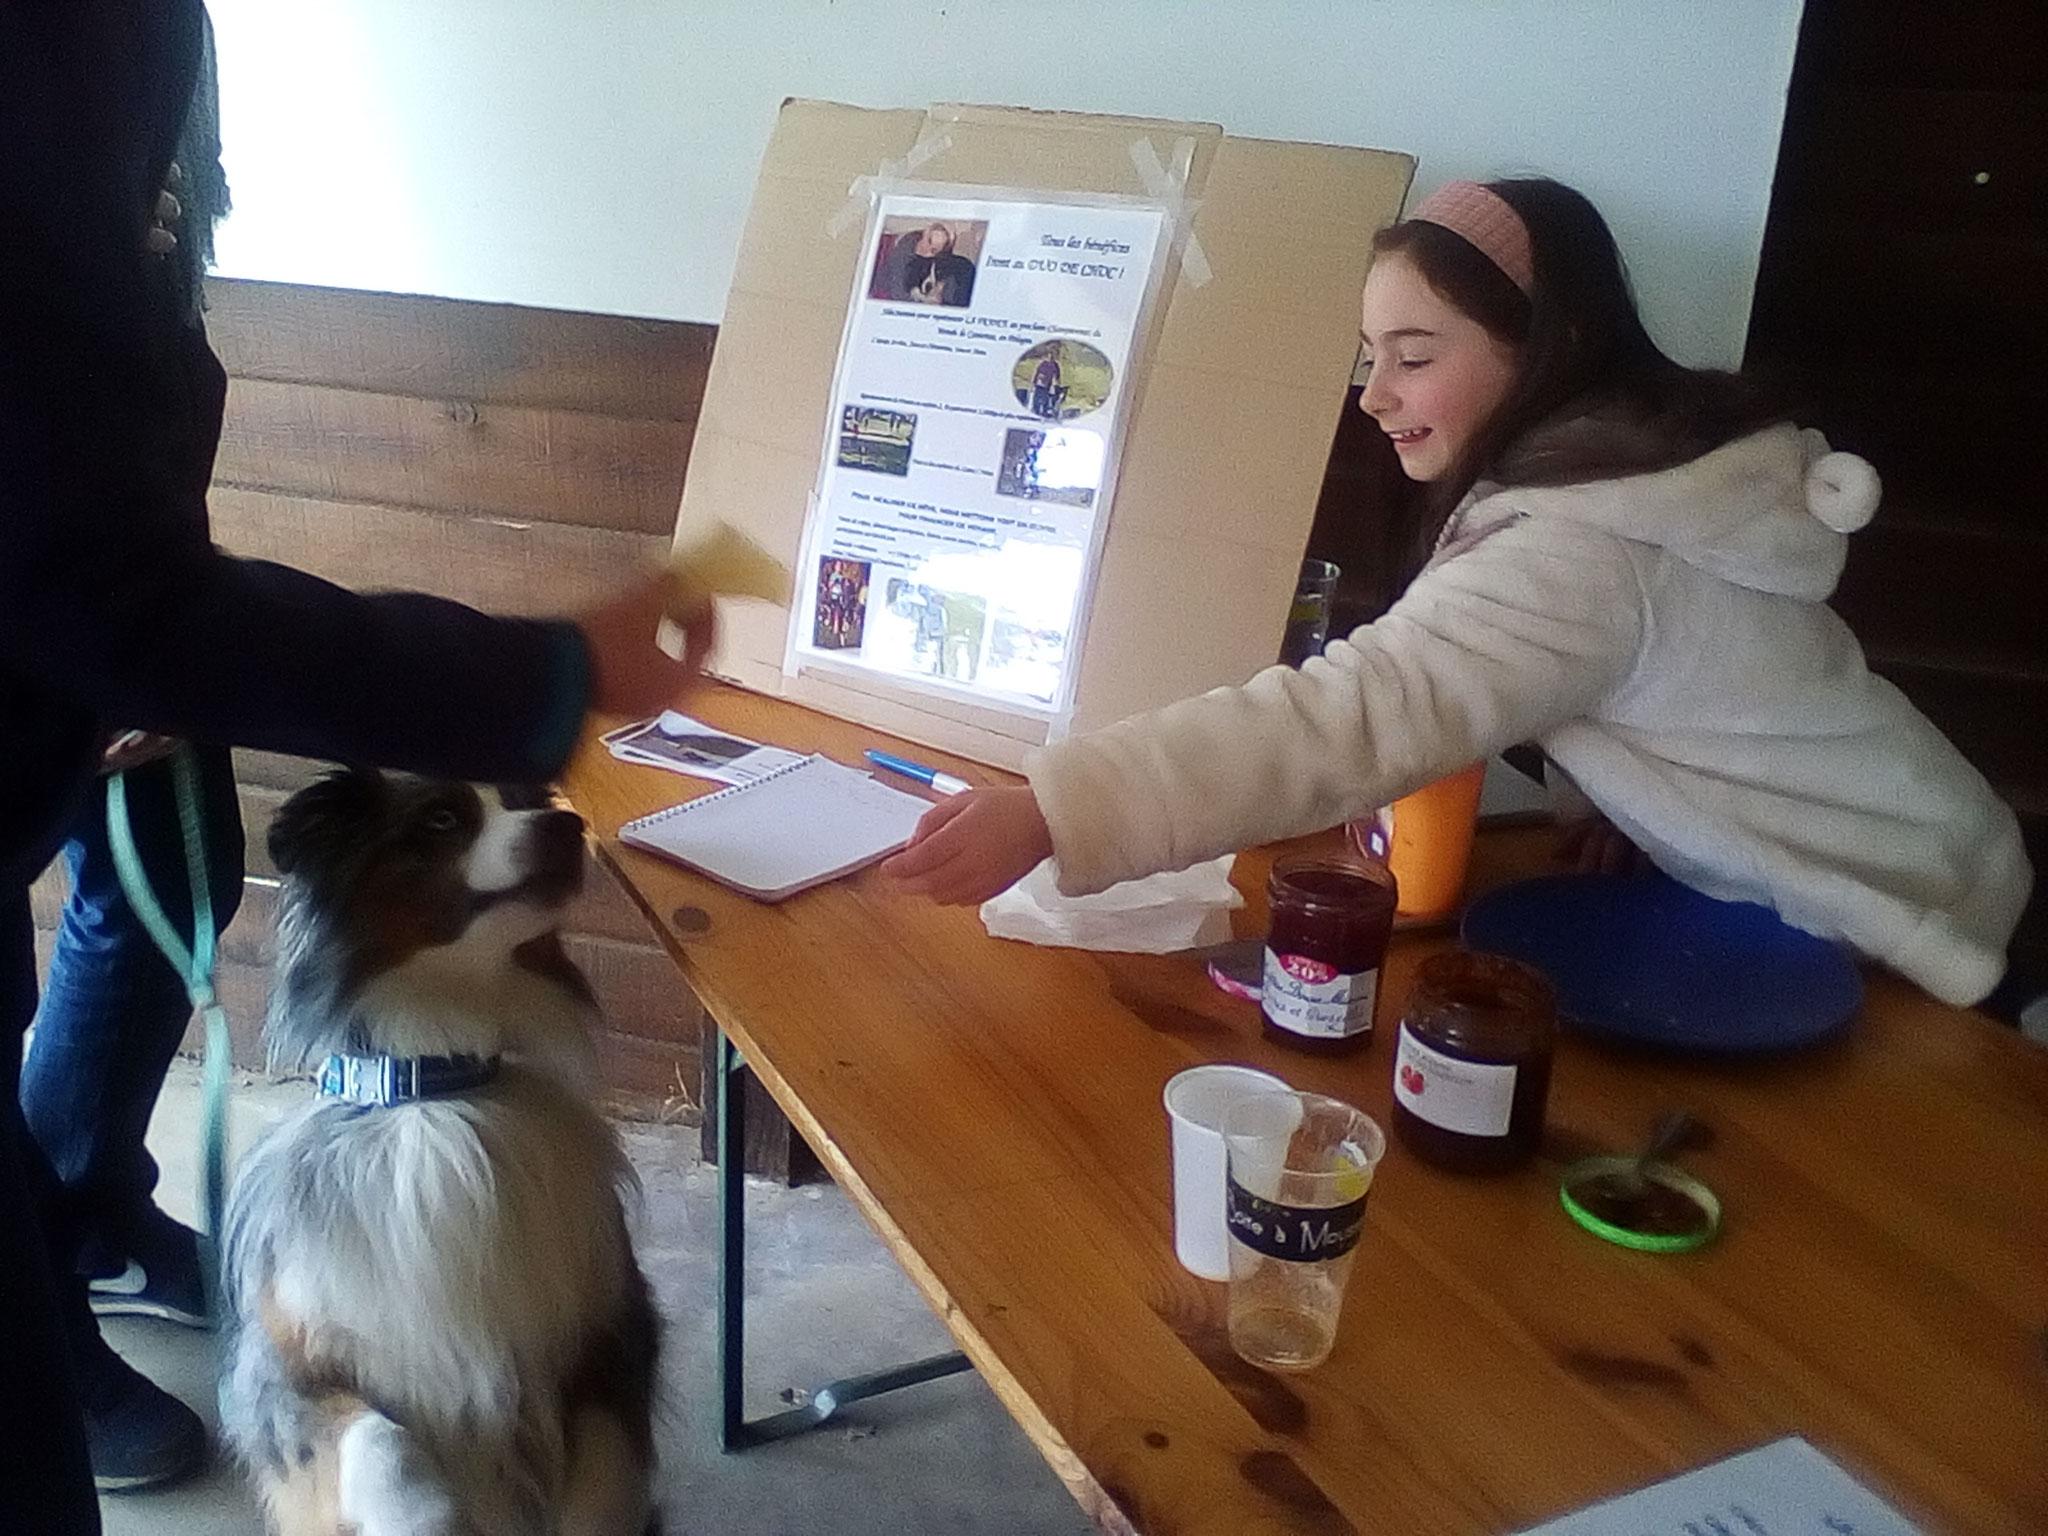 Clémentine et H'Zeus vendent des crêpes lors du concours d'obéissance de Bucy-le-Long (02).